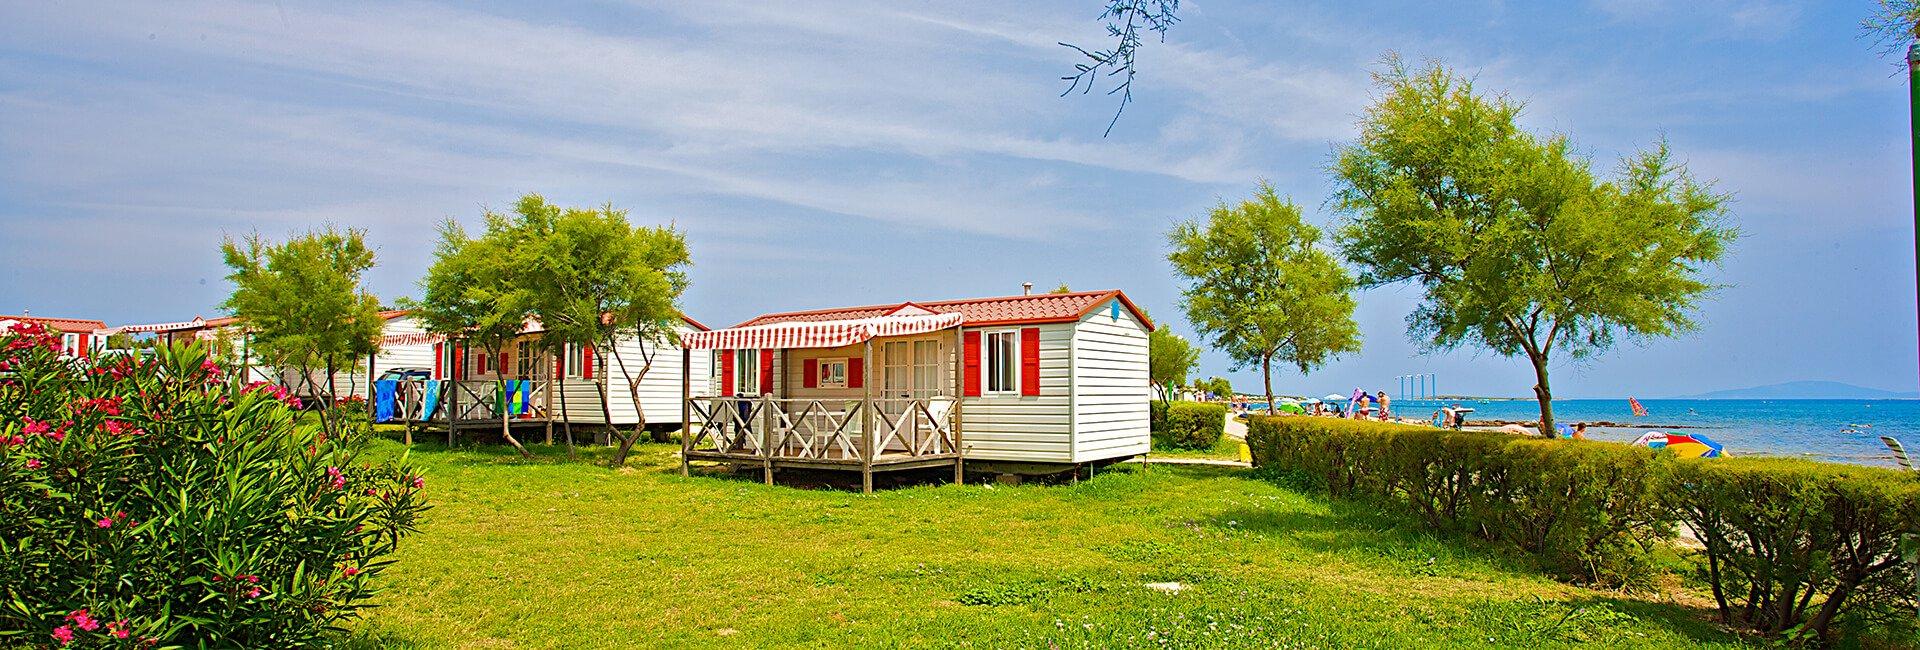 Camping Arena Kažela